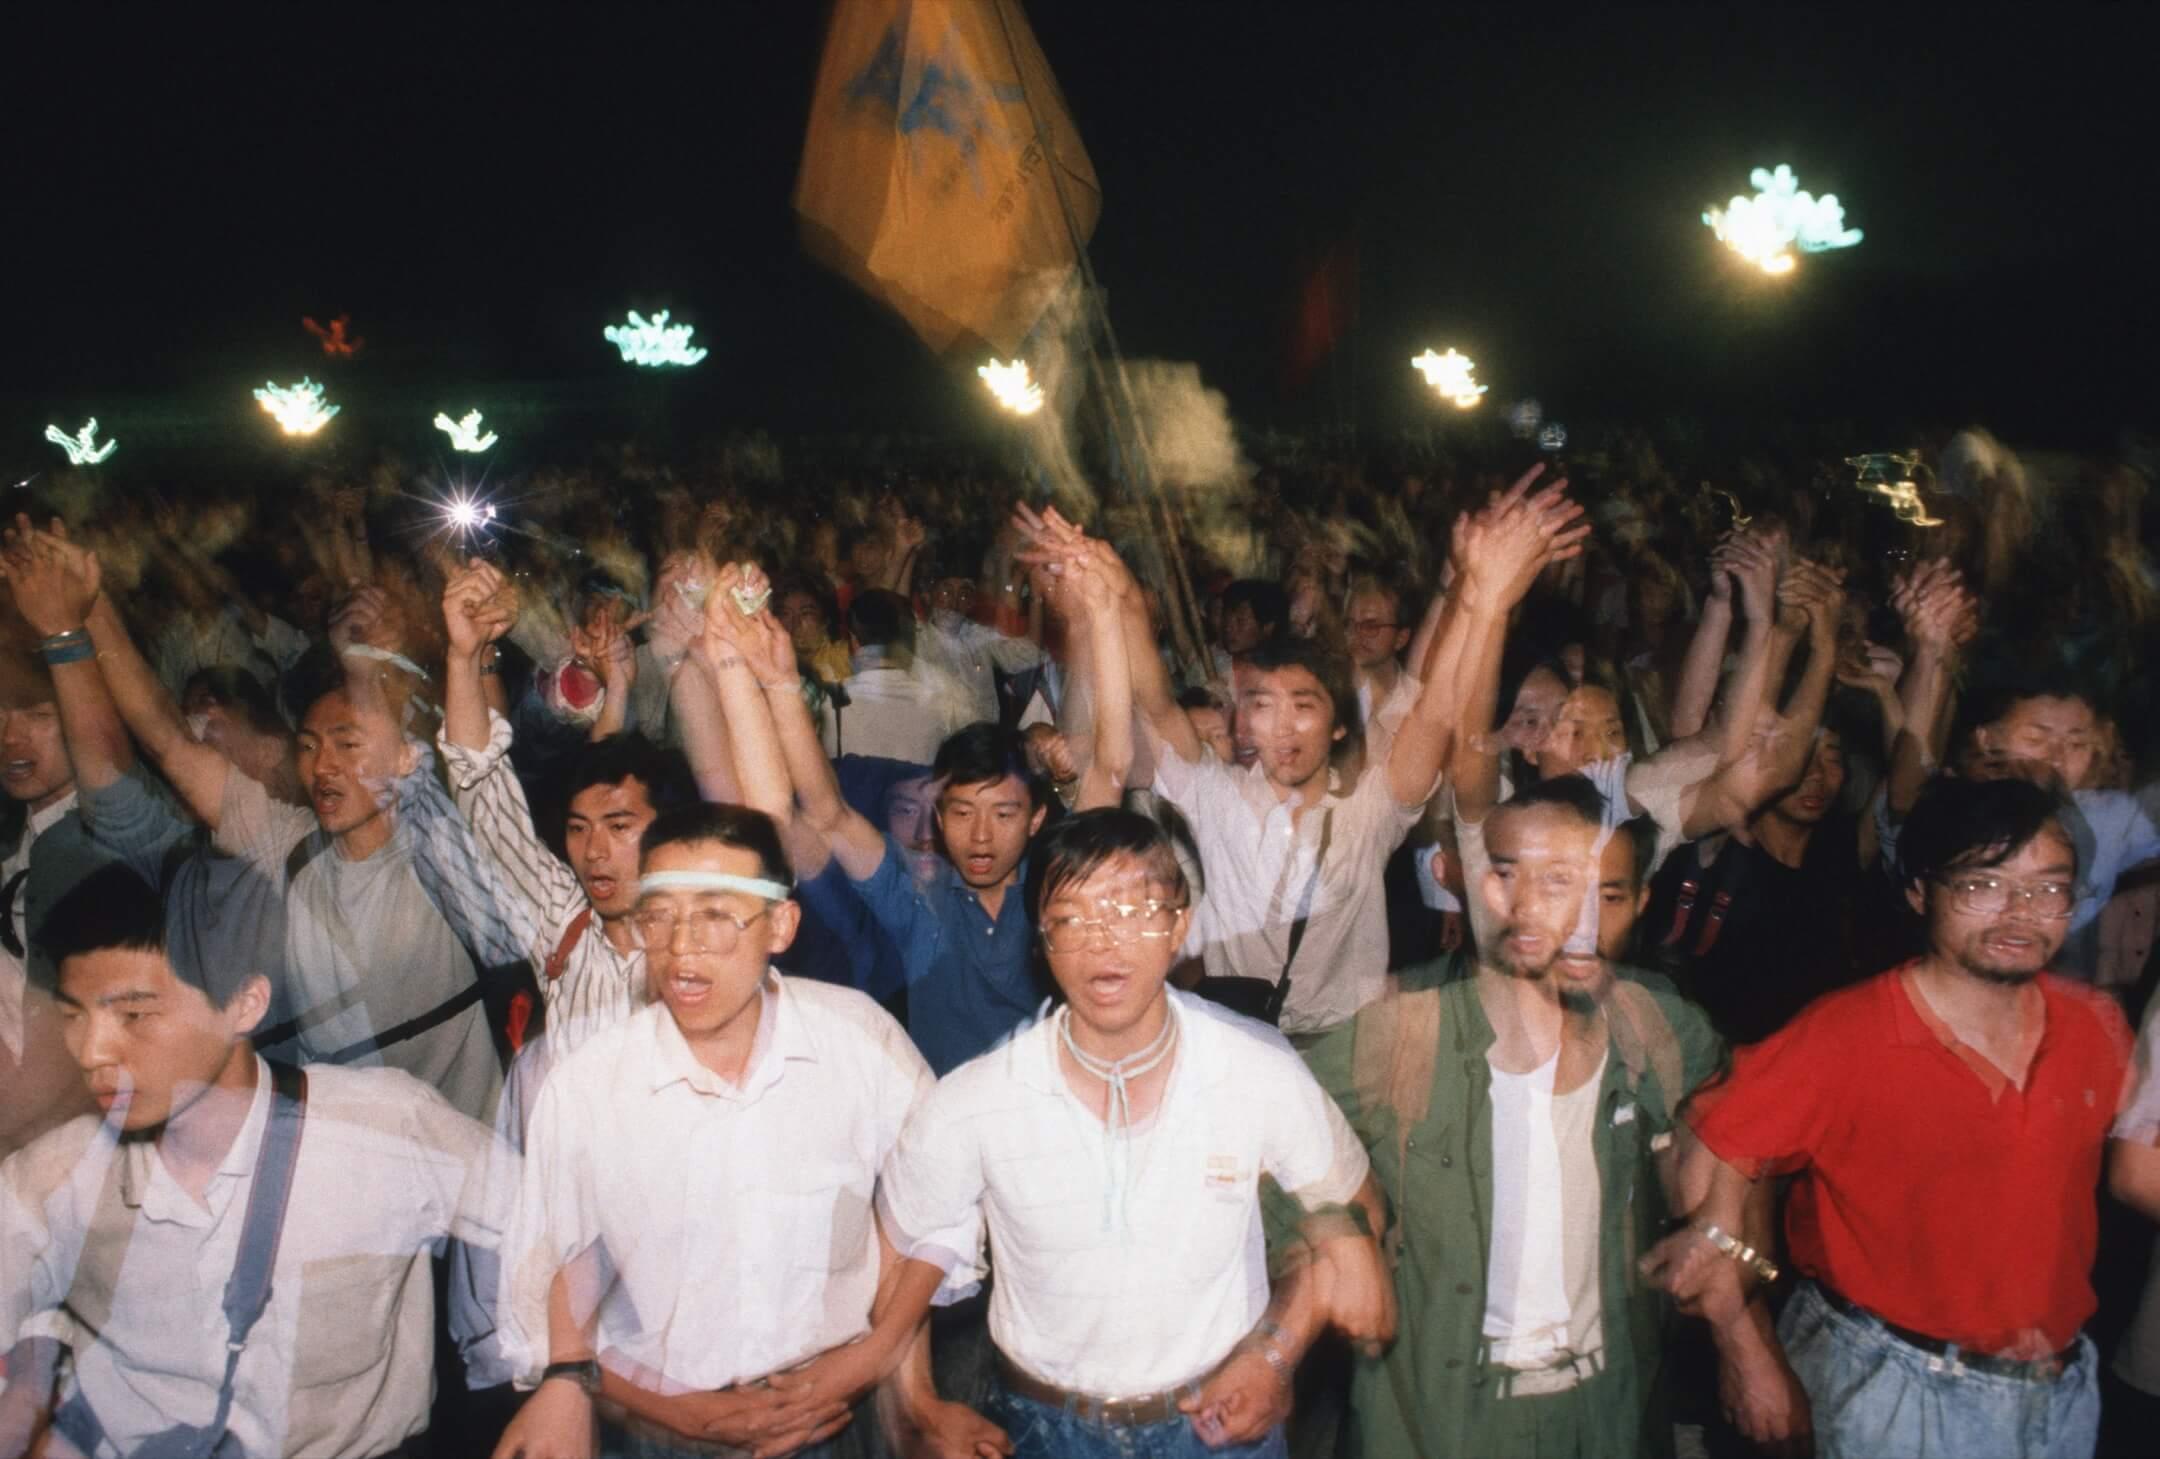 1989年6月1日,北京,參與八九民運的學生攜手步往天安門廣場。 攝:Peter Charlesworth/LightRocket via Getty Images